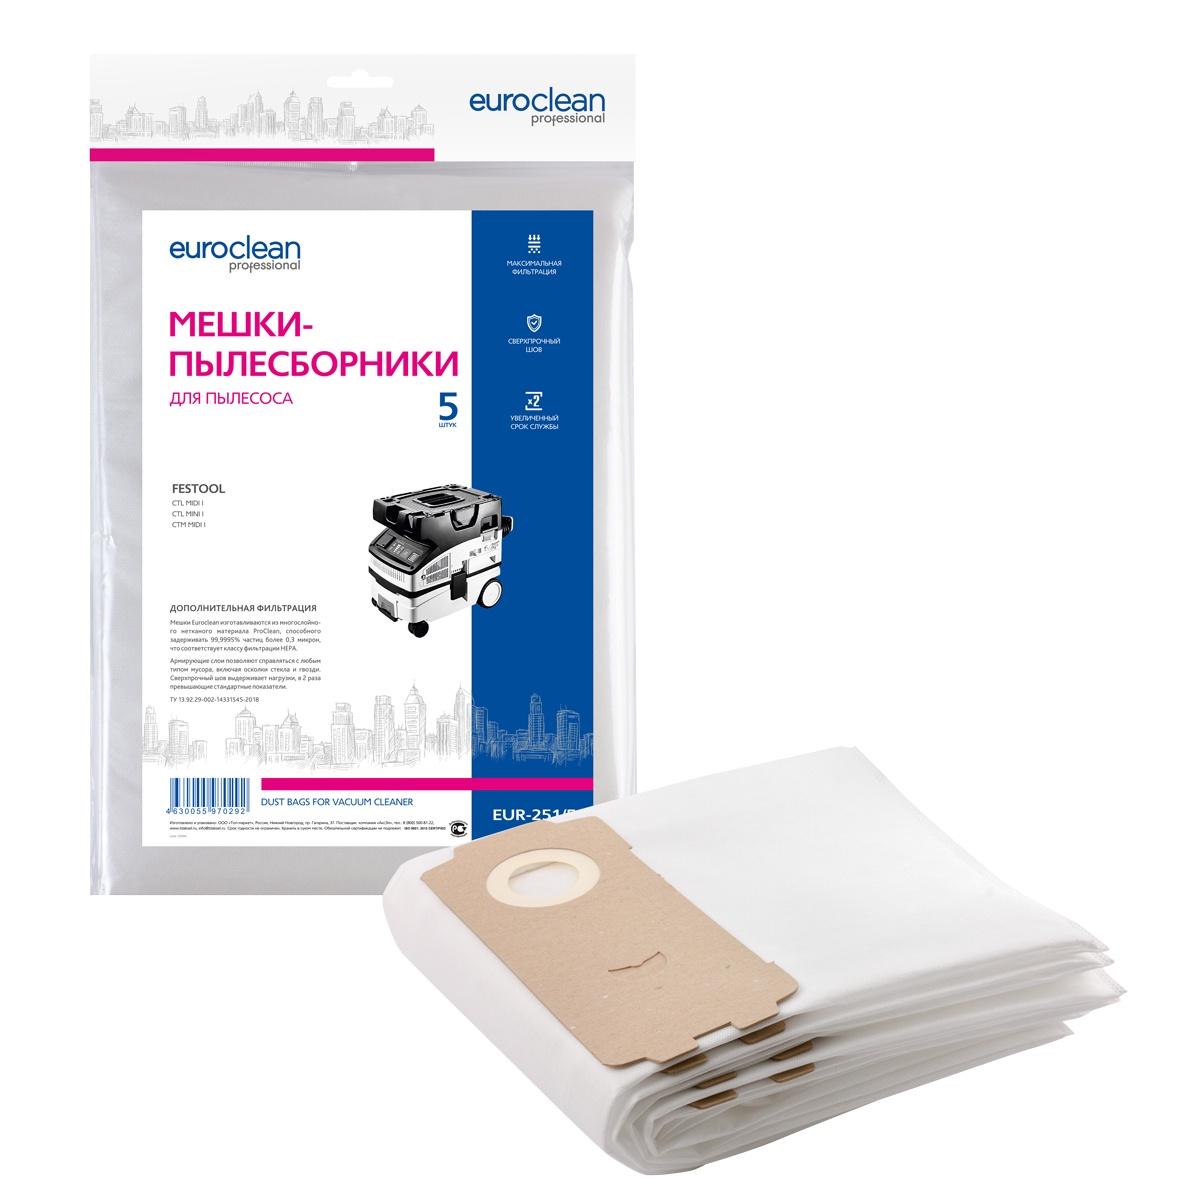 EUR-251/5 Мешки-пылесборники Euroclean синтетические для пылесоса, 5 шт